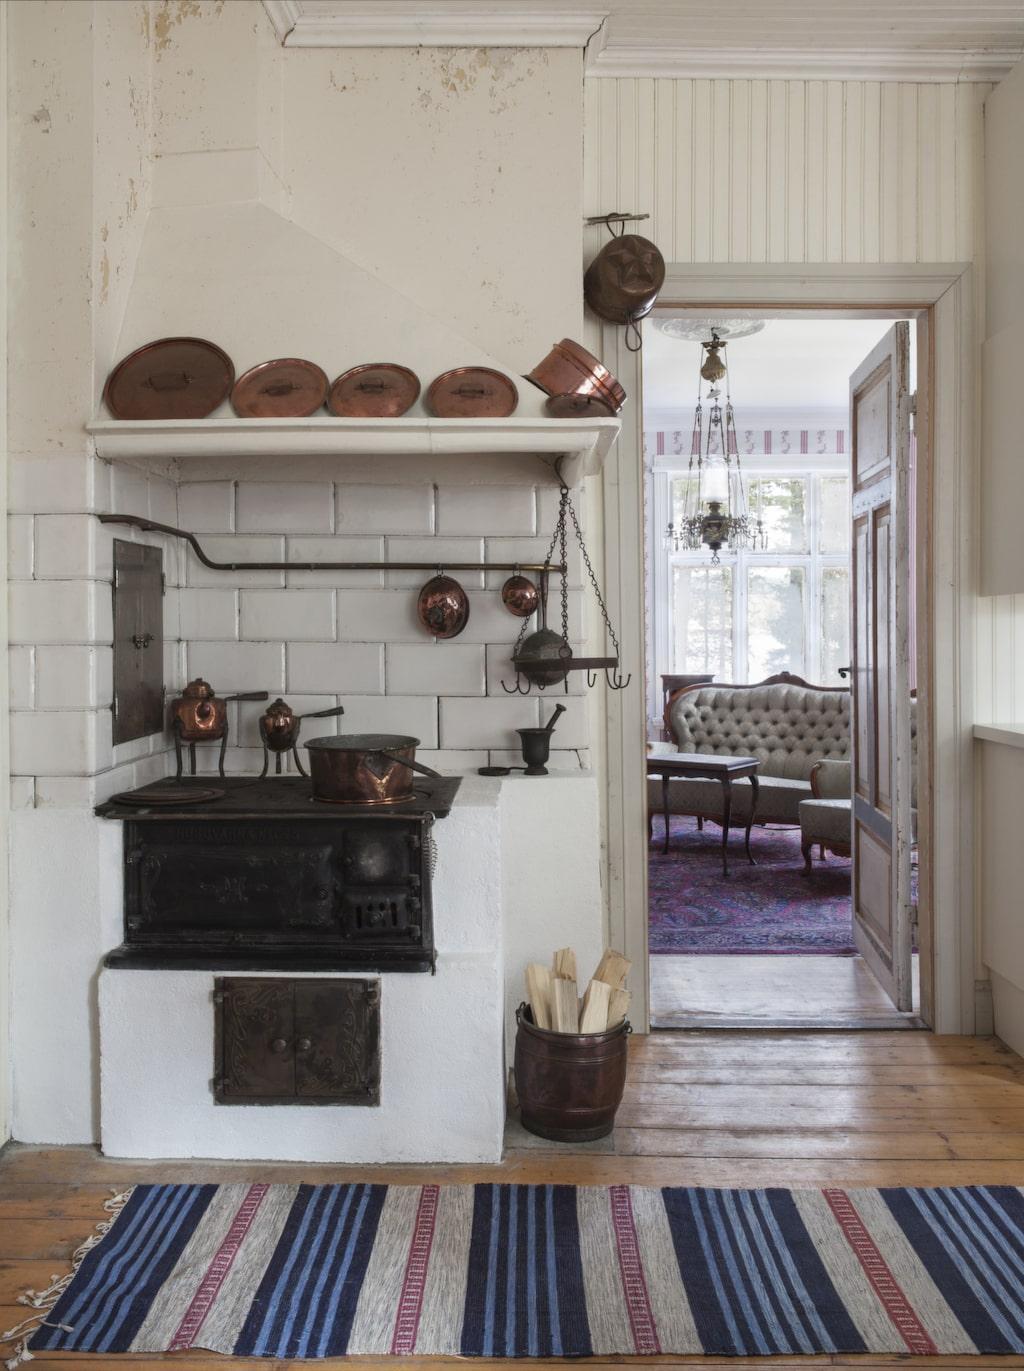 Vedspis. Den gamla vedspisen värmer upp köket. På hösten när Ulla-Britt är i huset brukar hon stänga mellan rummen för att behålla värmen i köket. När barnen är på besök, öppnar de in till salen och tänder i kakelugnen. Och njuter av utsikten genom de gamla, vackra munblåsta fönstren.